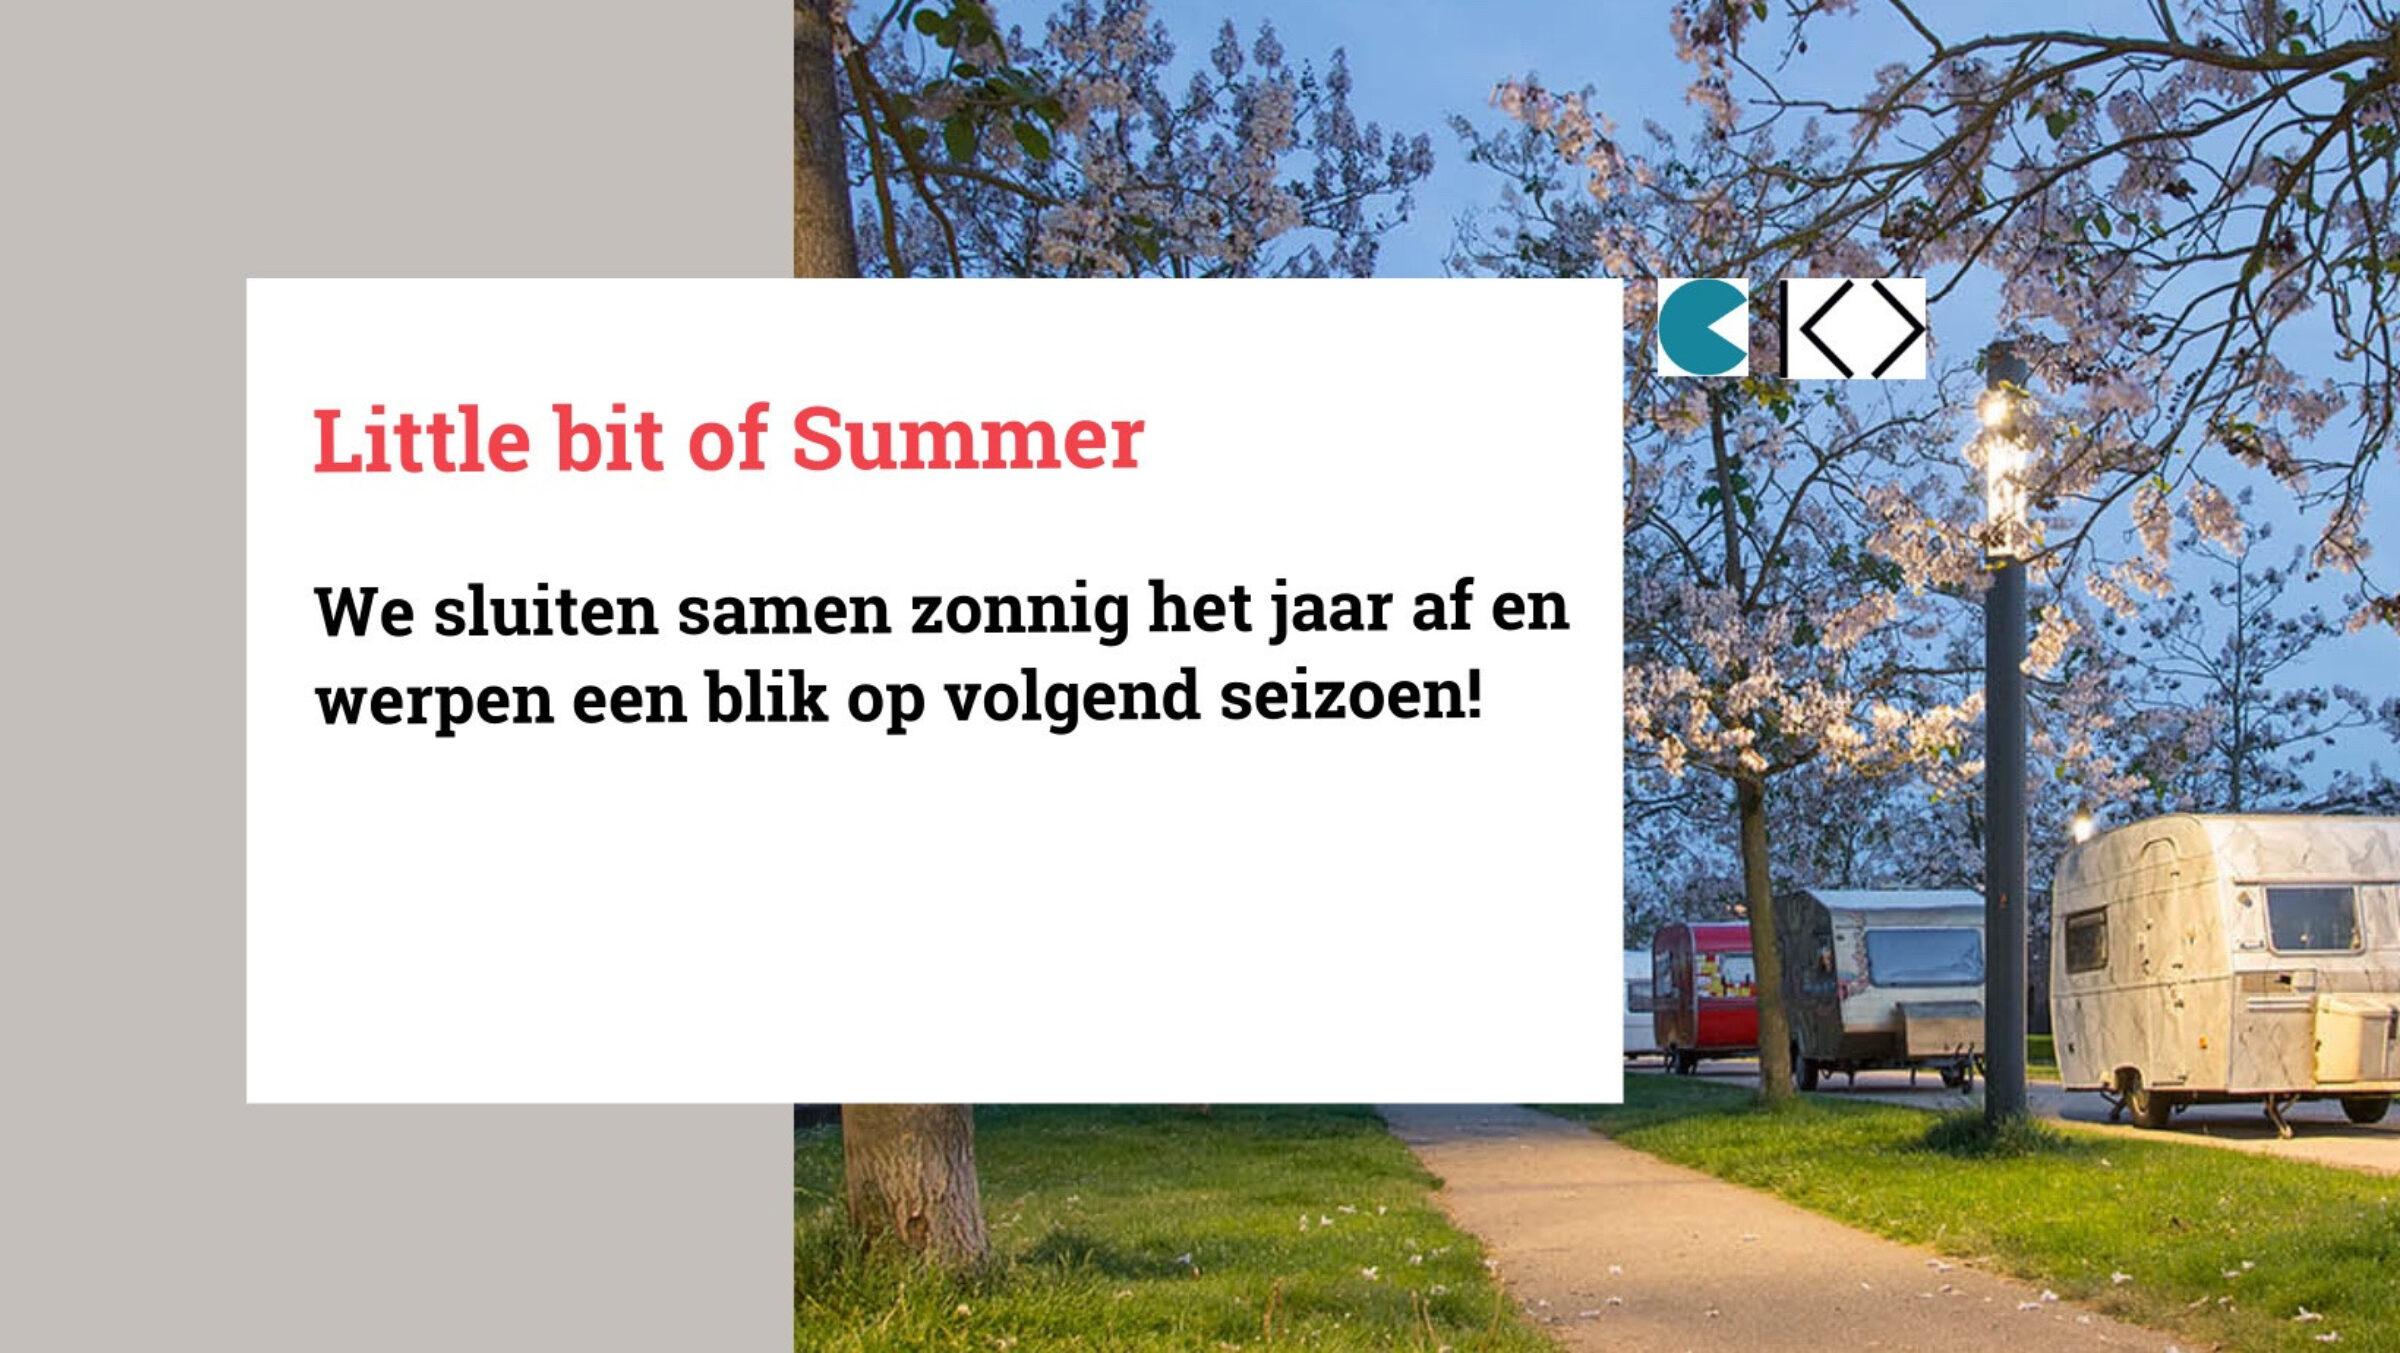 MeetUs - Little bit of Summer